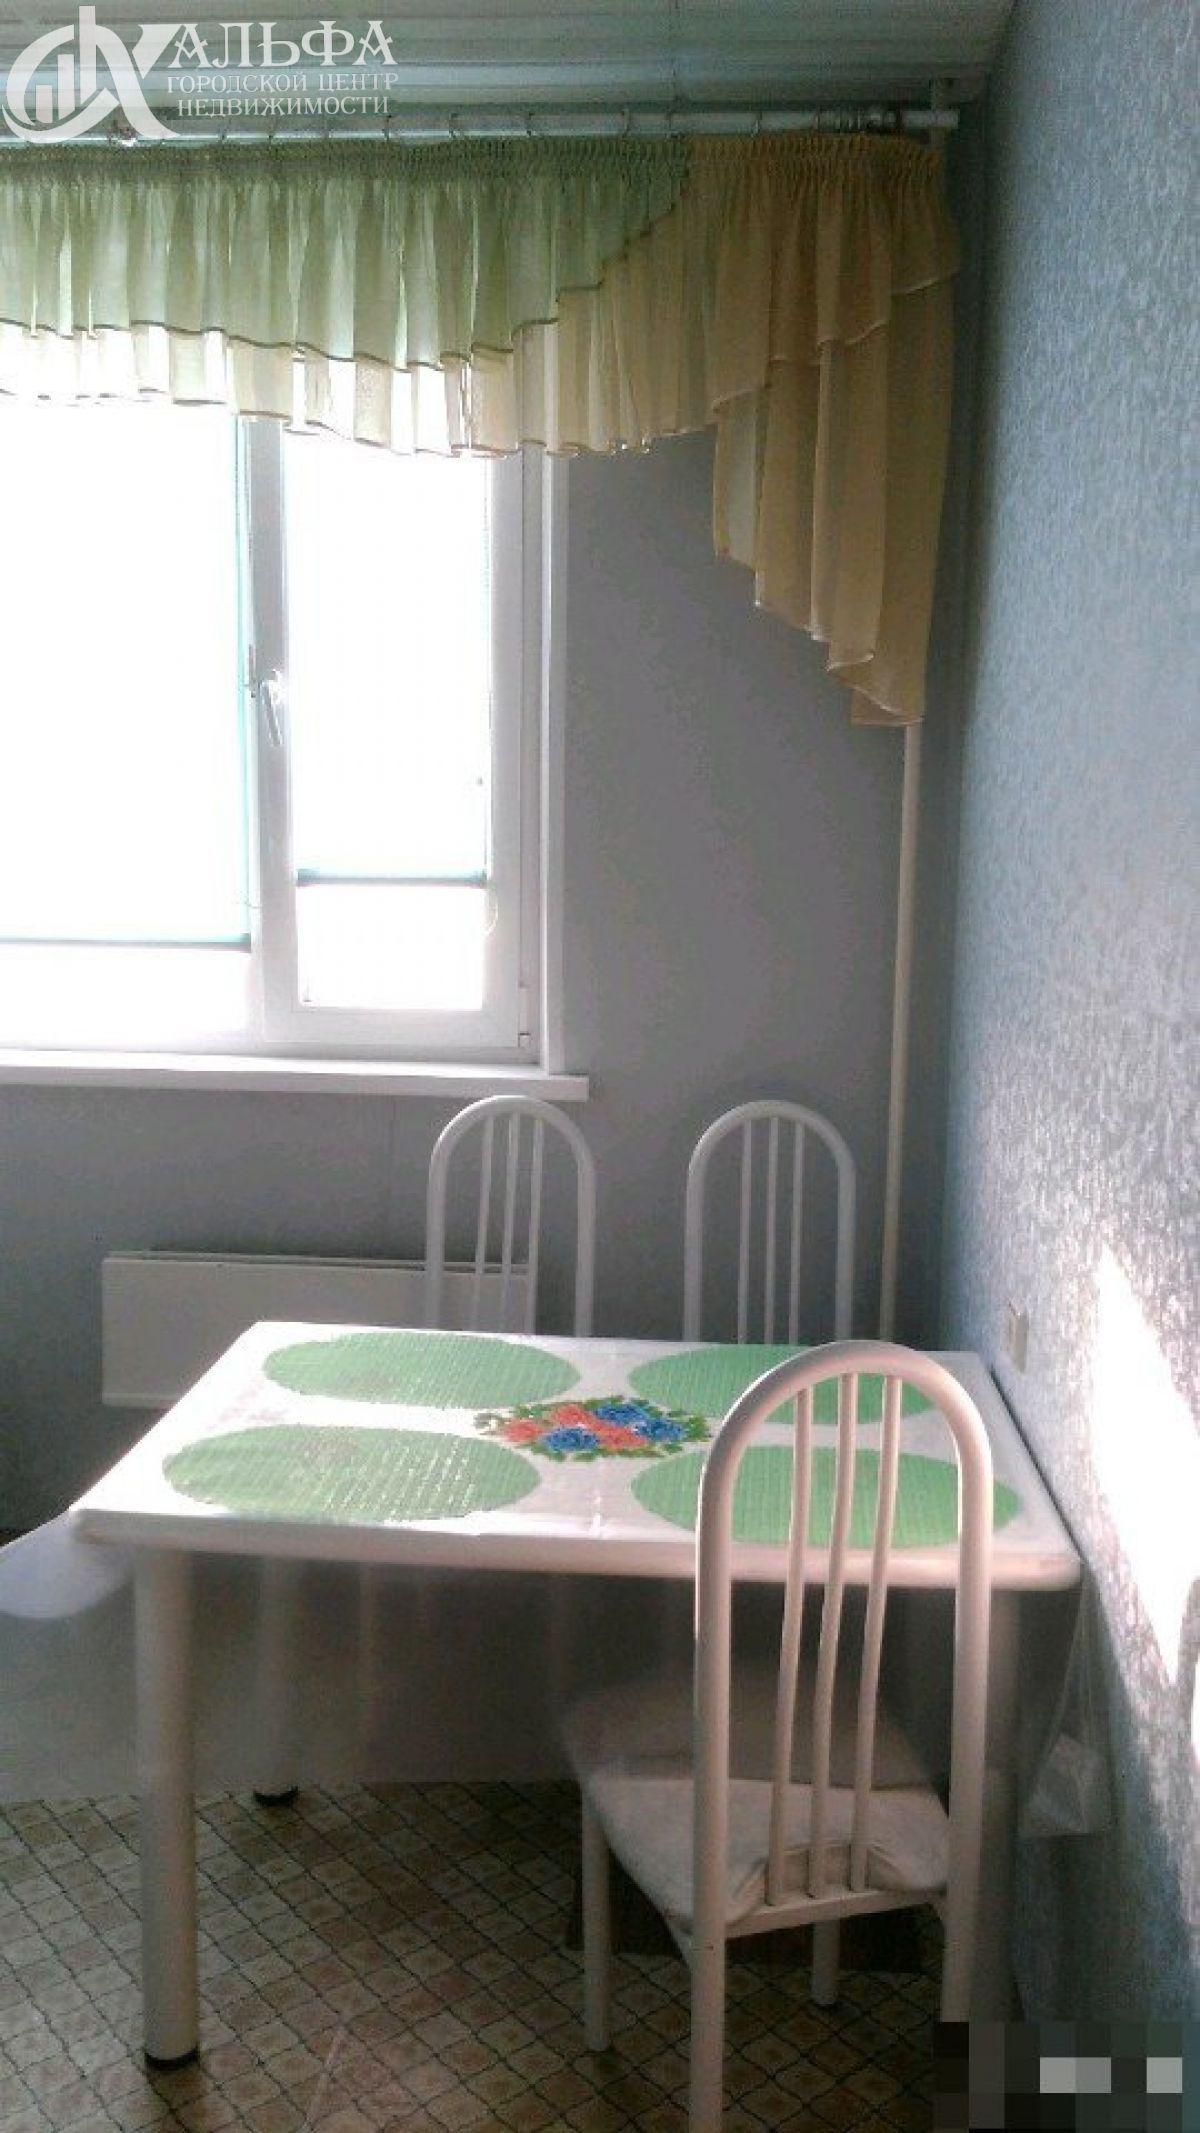 Продам 2-комн. квартиру, Ханты-Мансийский Автономный округ - Югра, Нижневартовск, Улица 60 лет Октября, 44